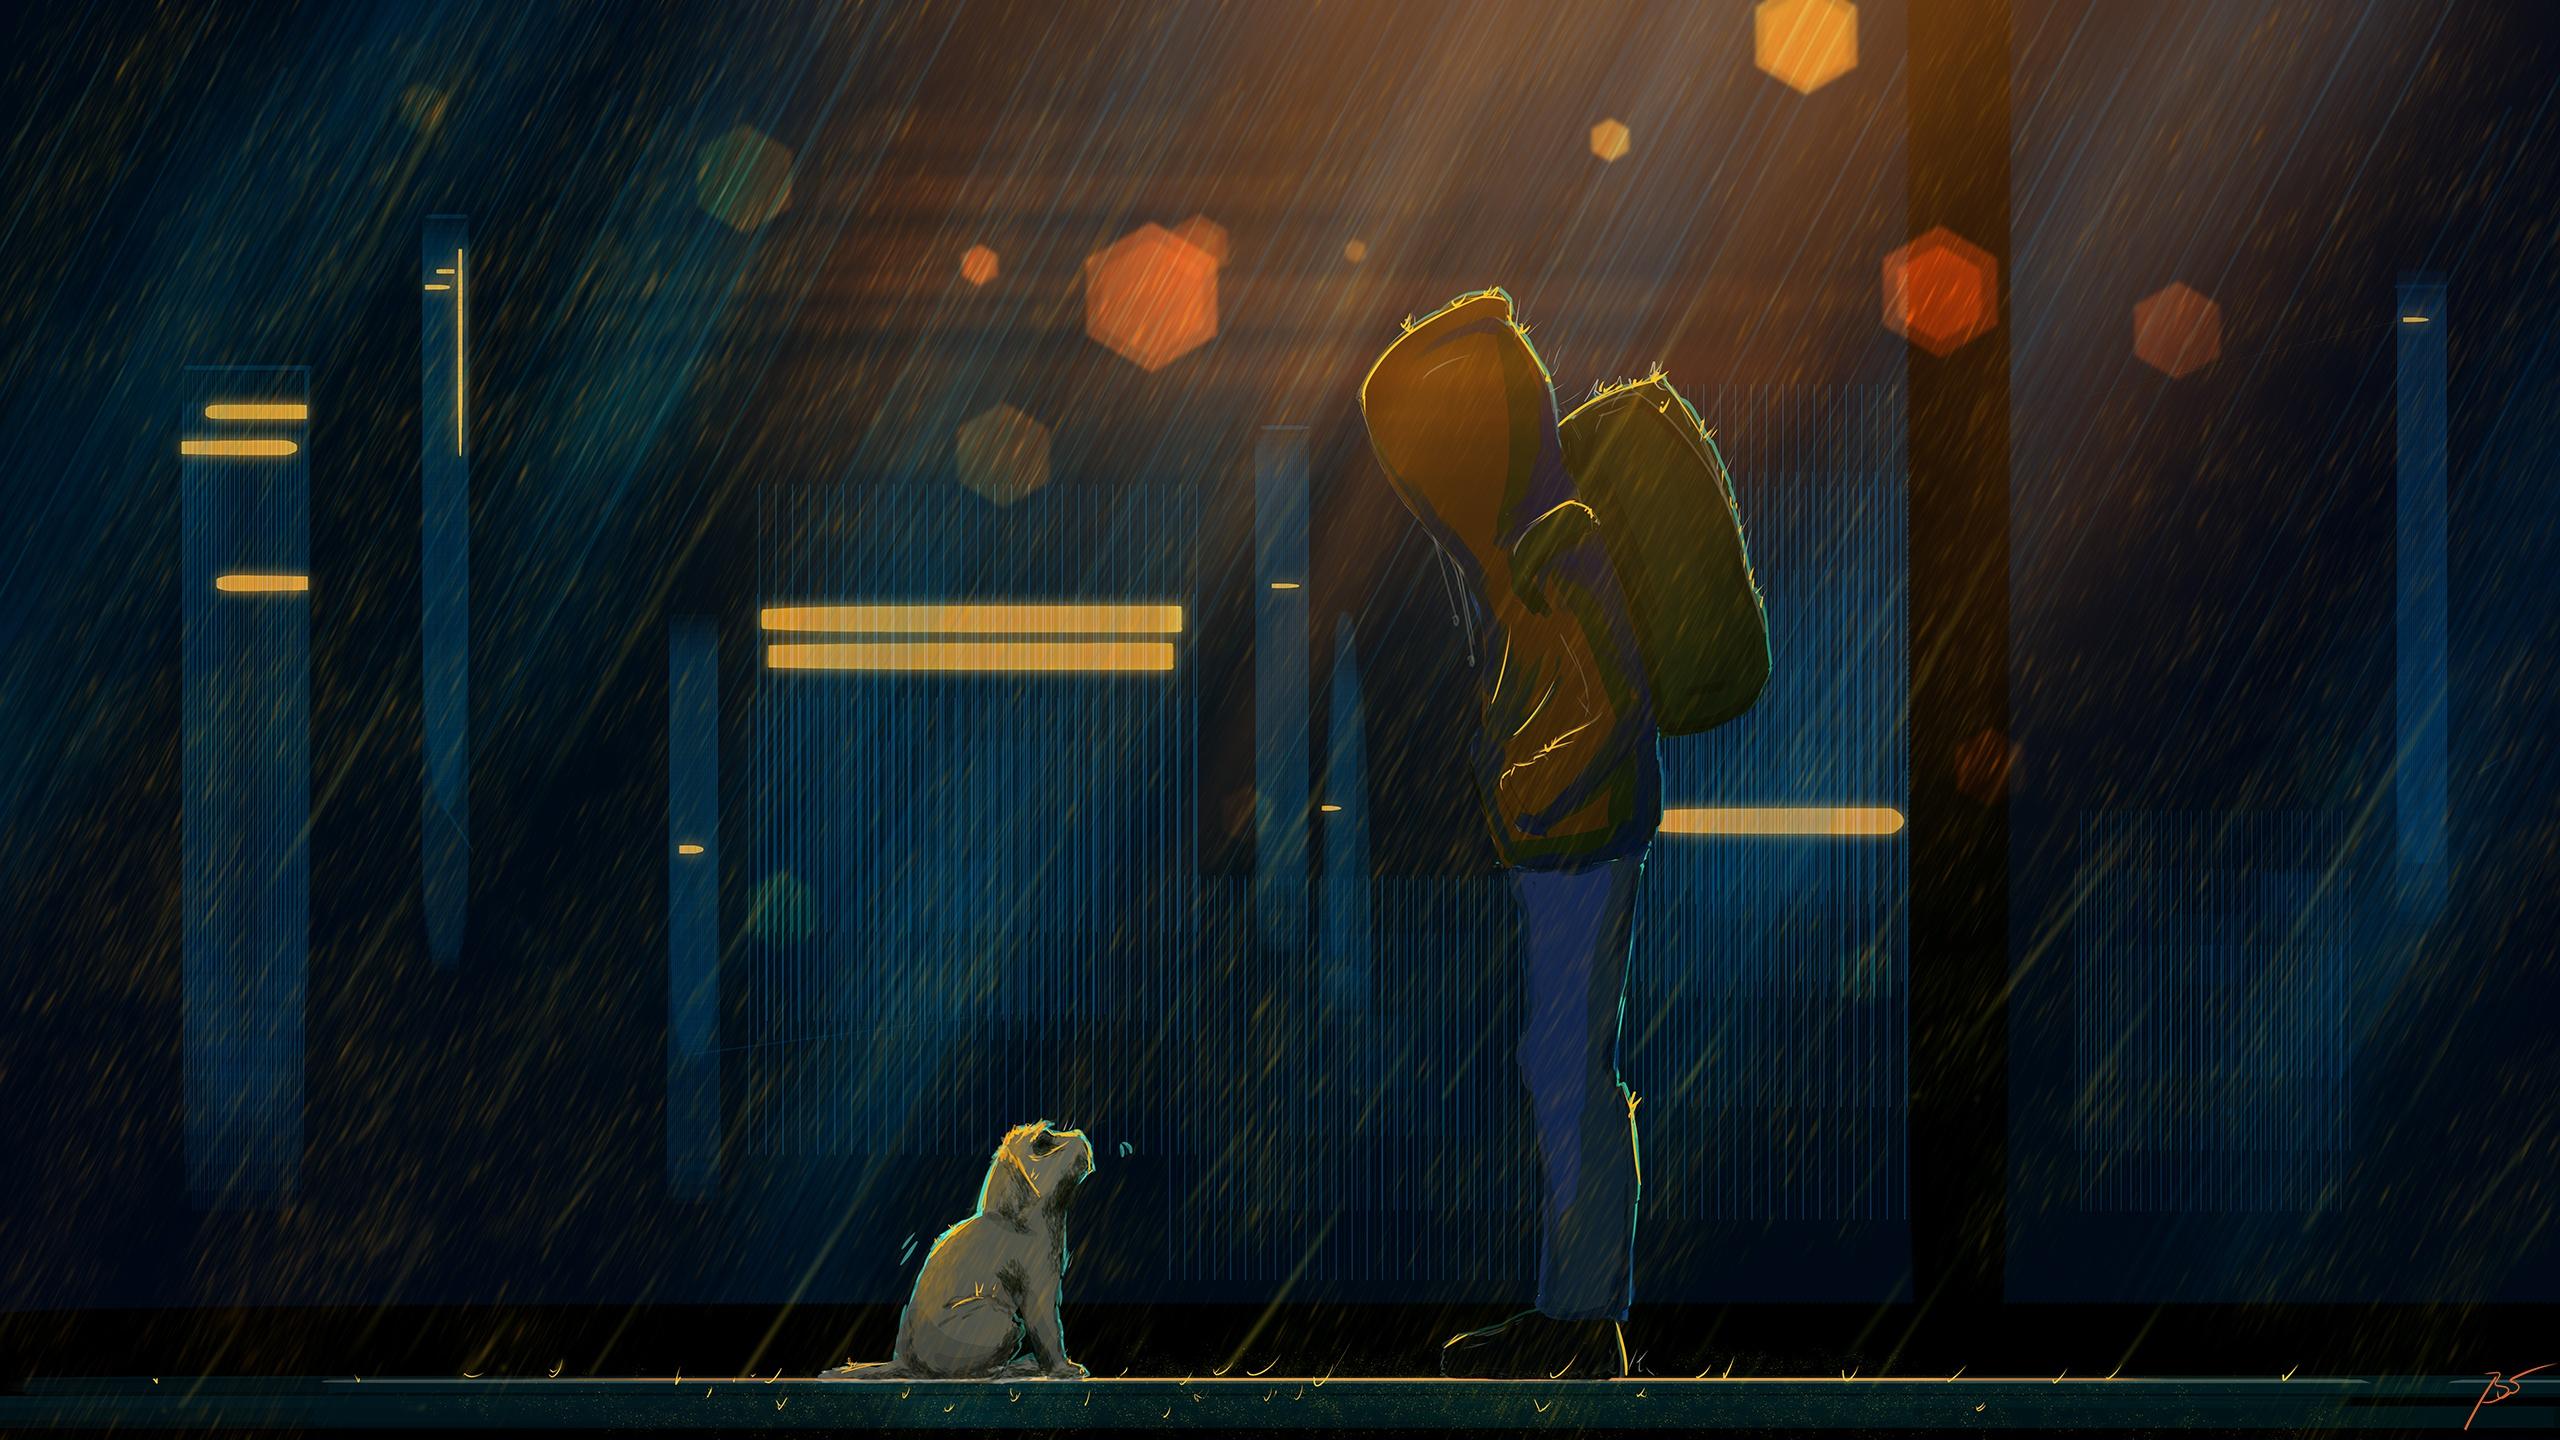 Backpack Dog Rain 2560x1440